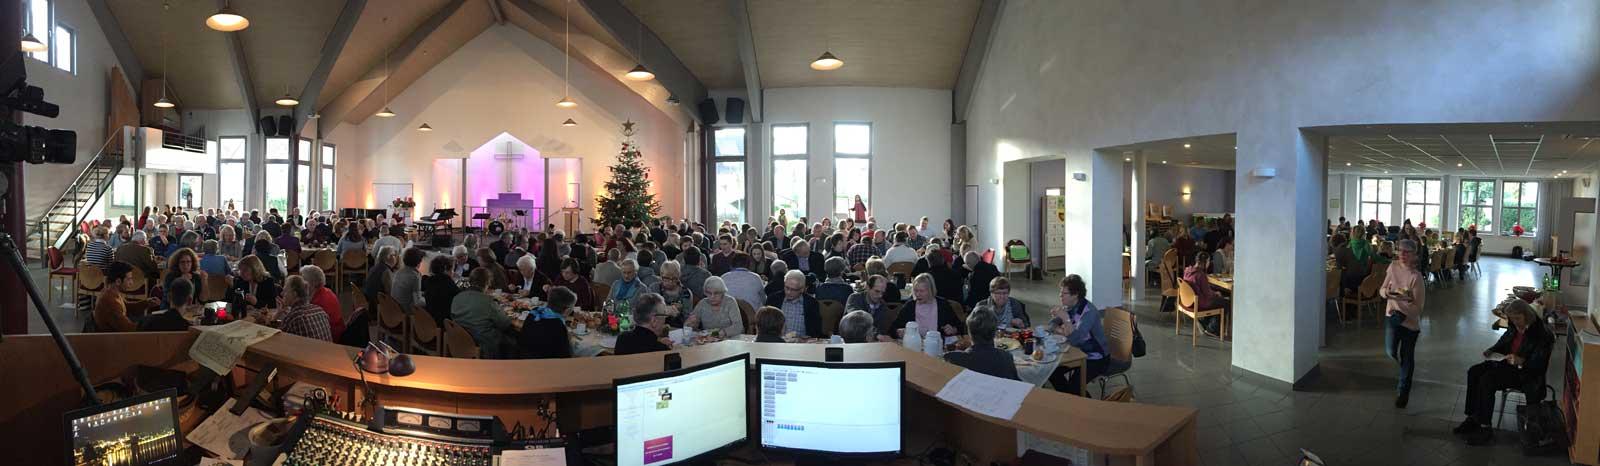 Evangelisch Freikirchliche Gemeinde Herford